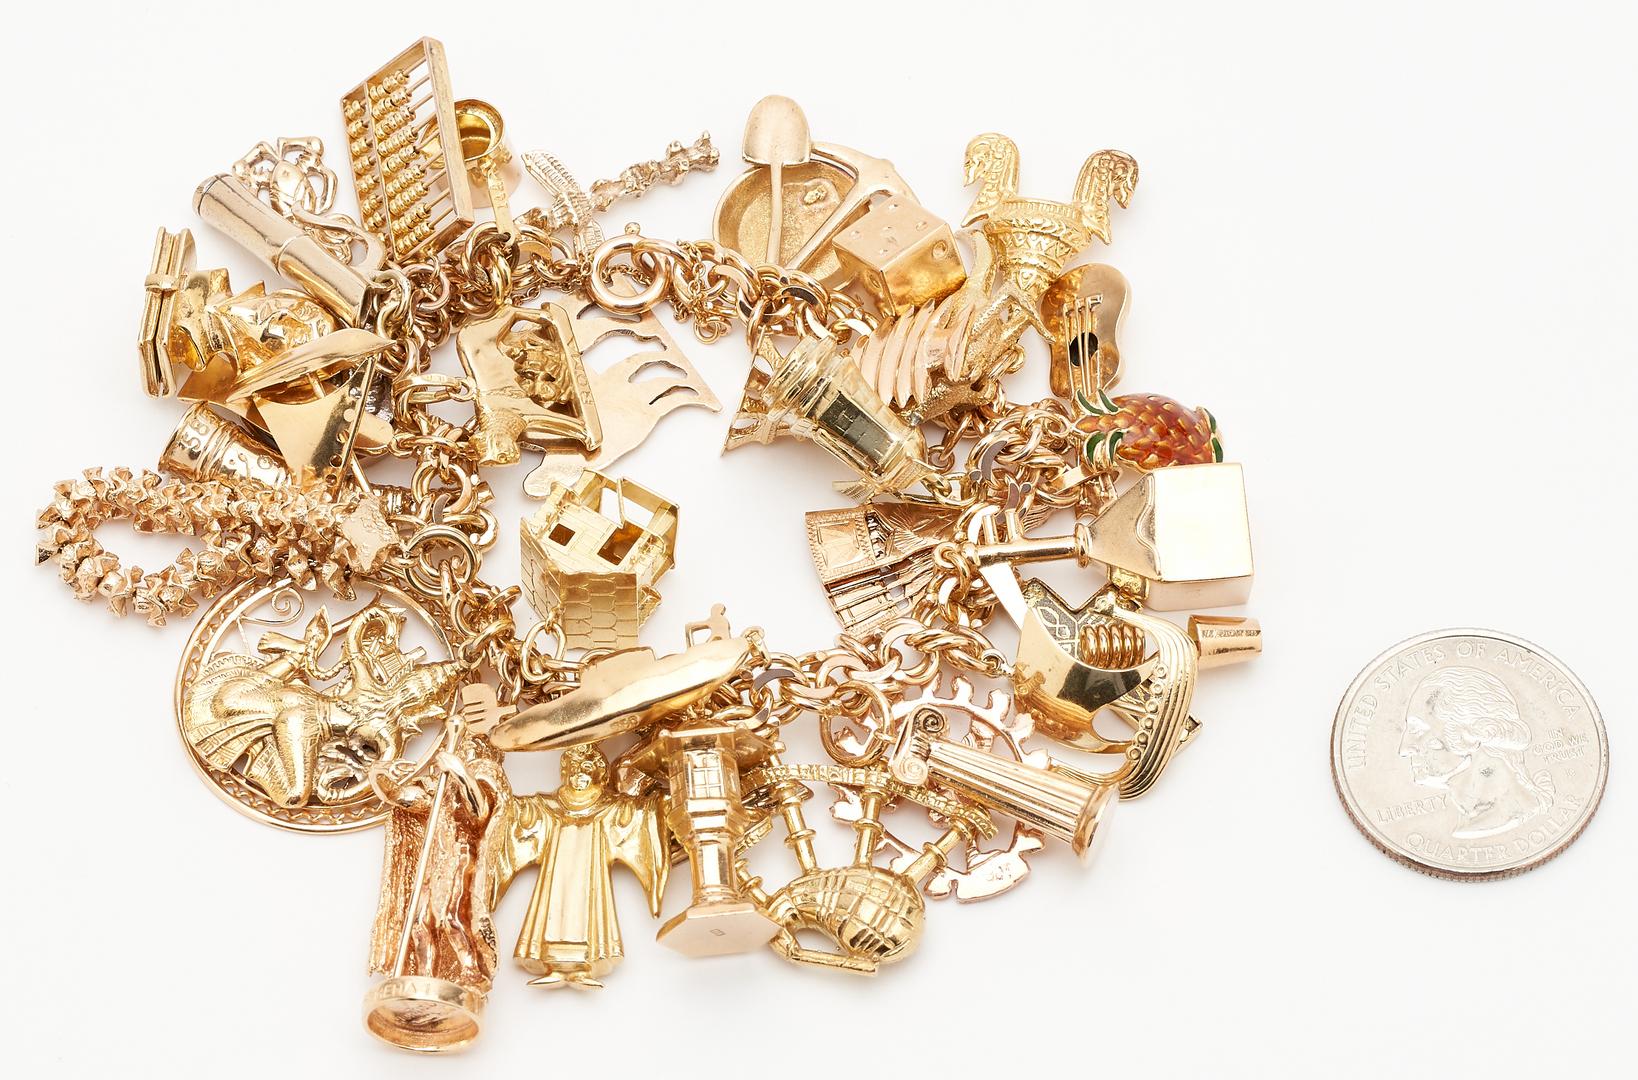 Lot 46: 14K Charm Bracelet, 37 Charms